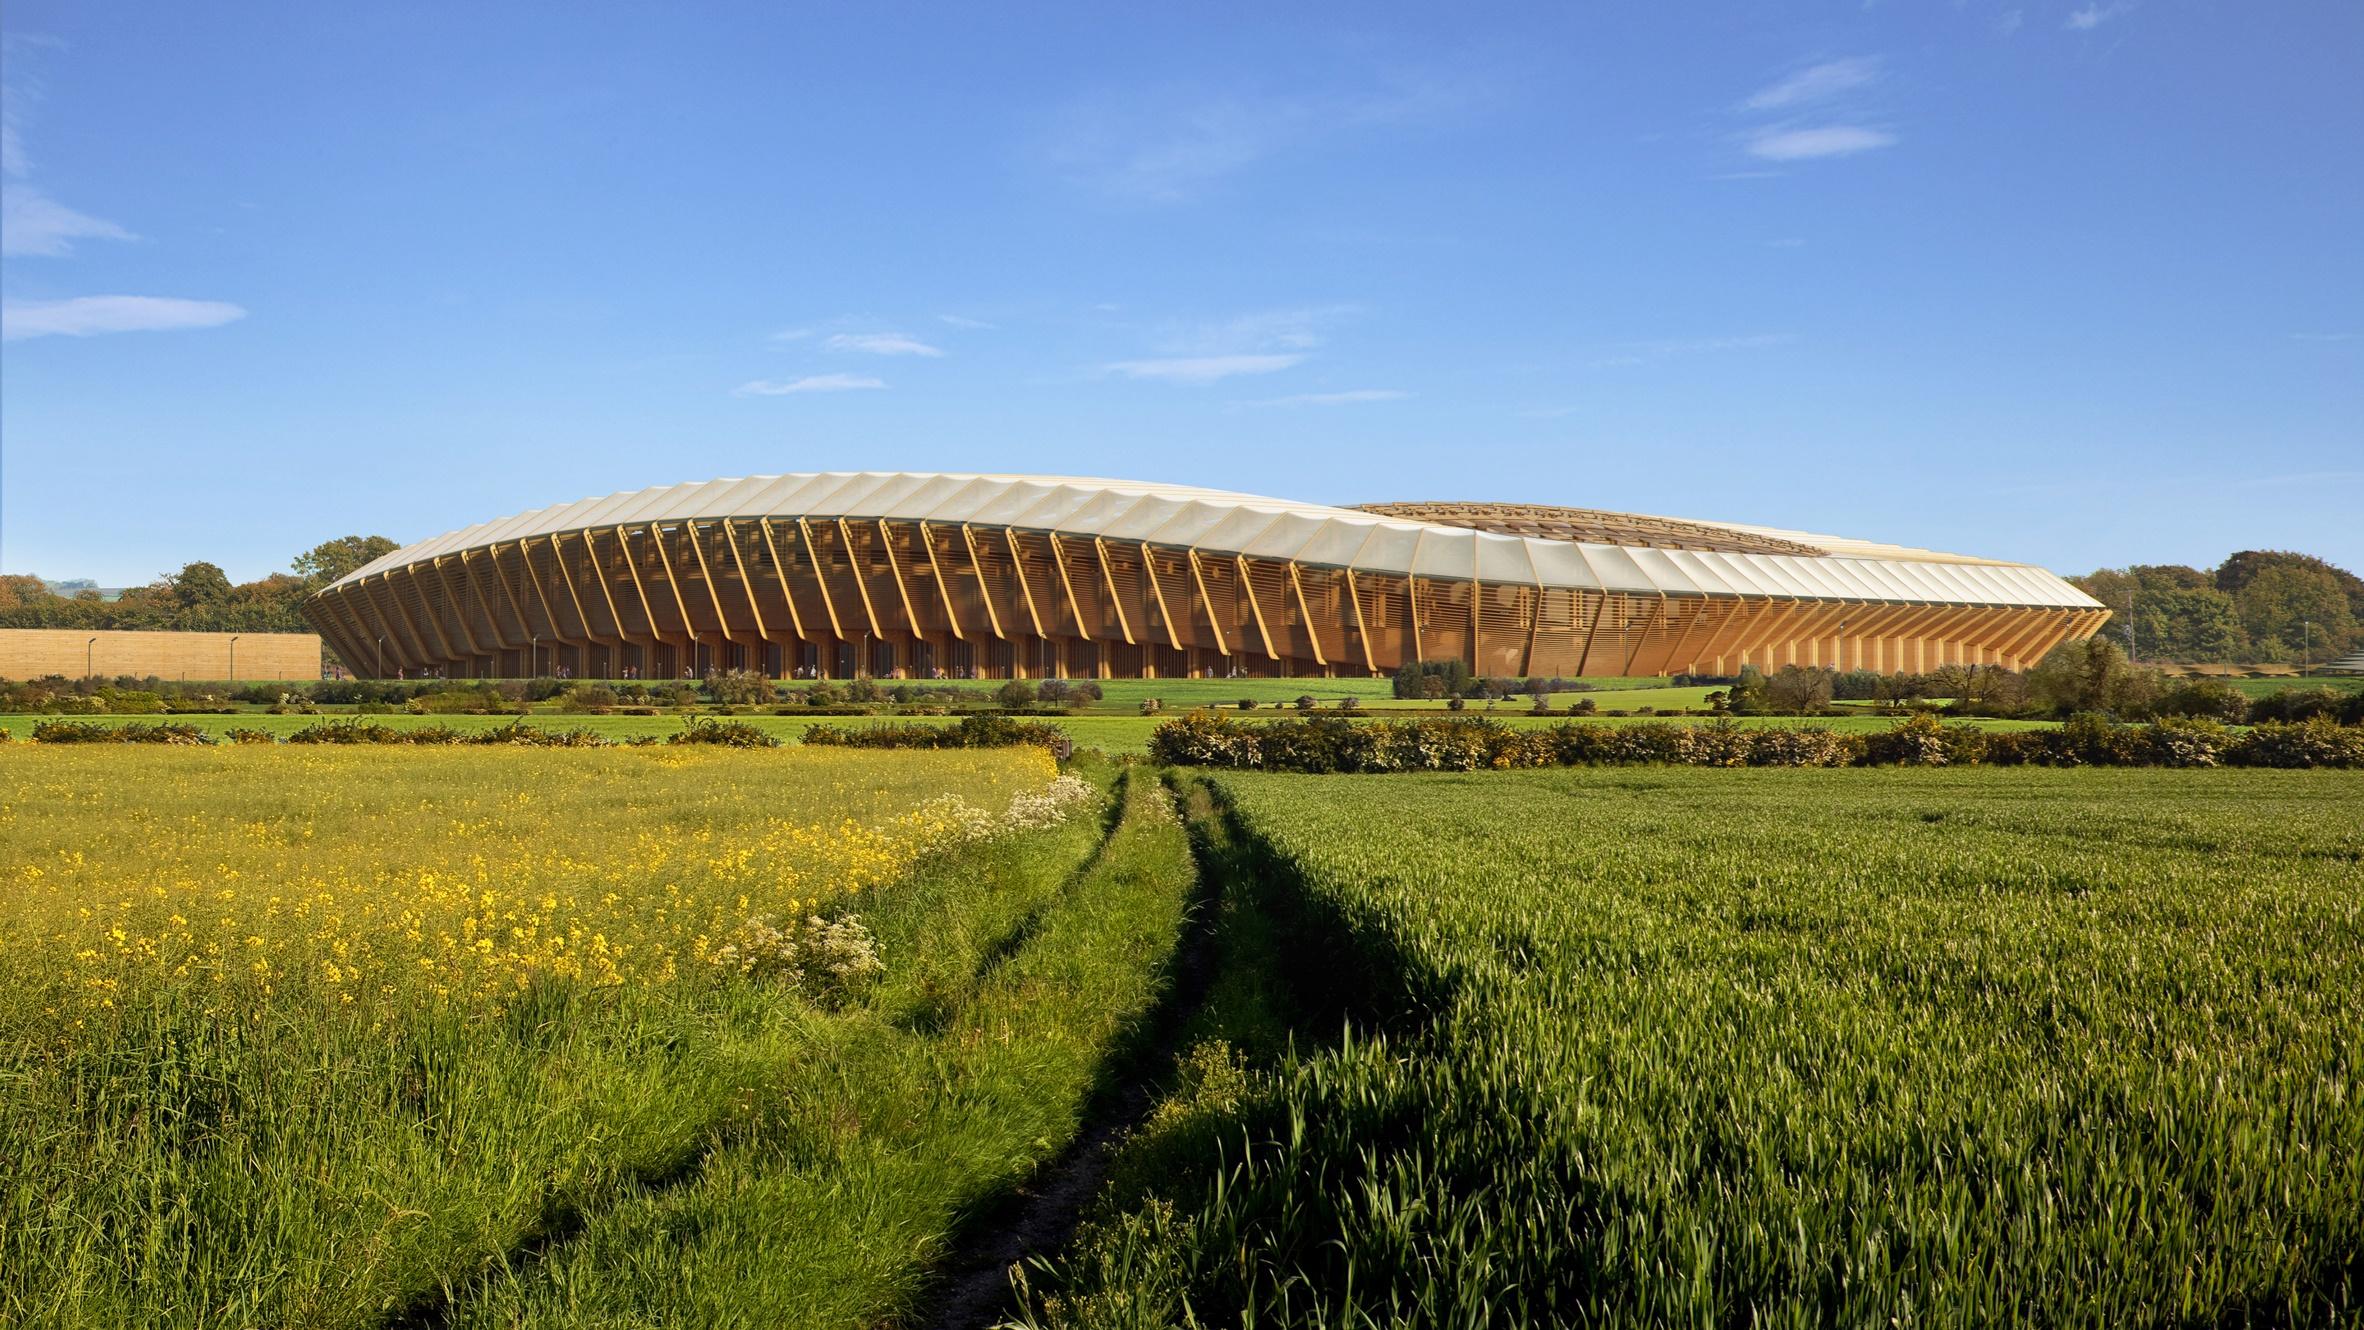 تصاویر   نخستین استادیوم چوبی جهان؛ کاملا دوستدار محیط زیست